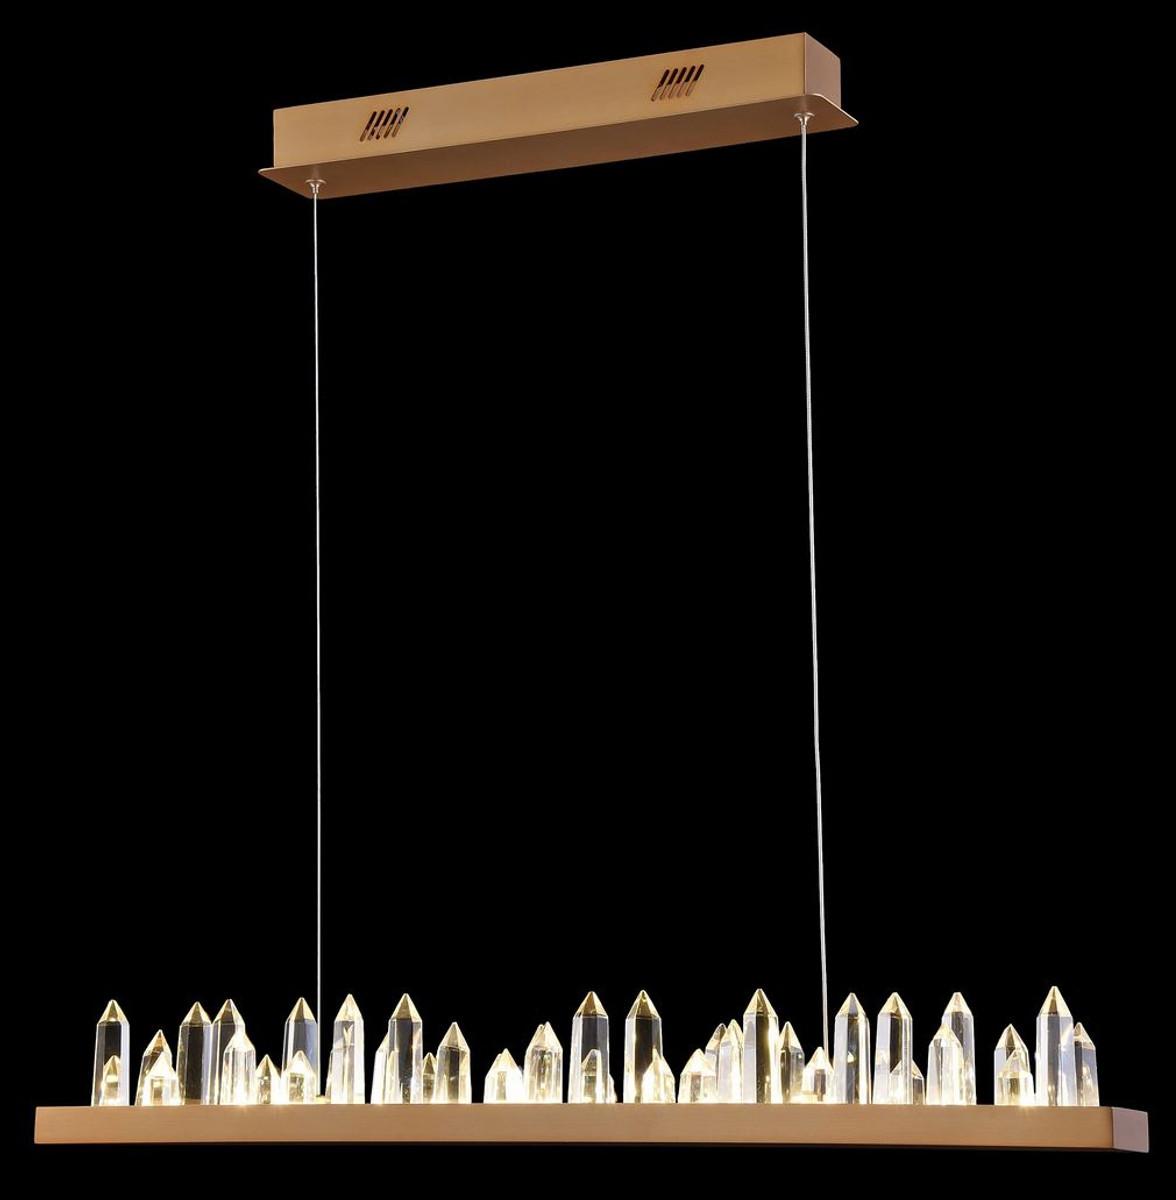 Casa Padrino LED Hängeleuchte mit messingfarbenem Metallrahmen und Kristallglaszacken 80 x 9 x H. 10,4 cm - Wohnzimmermöbel 4